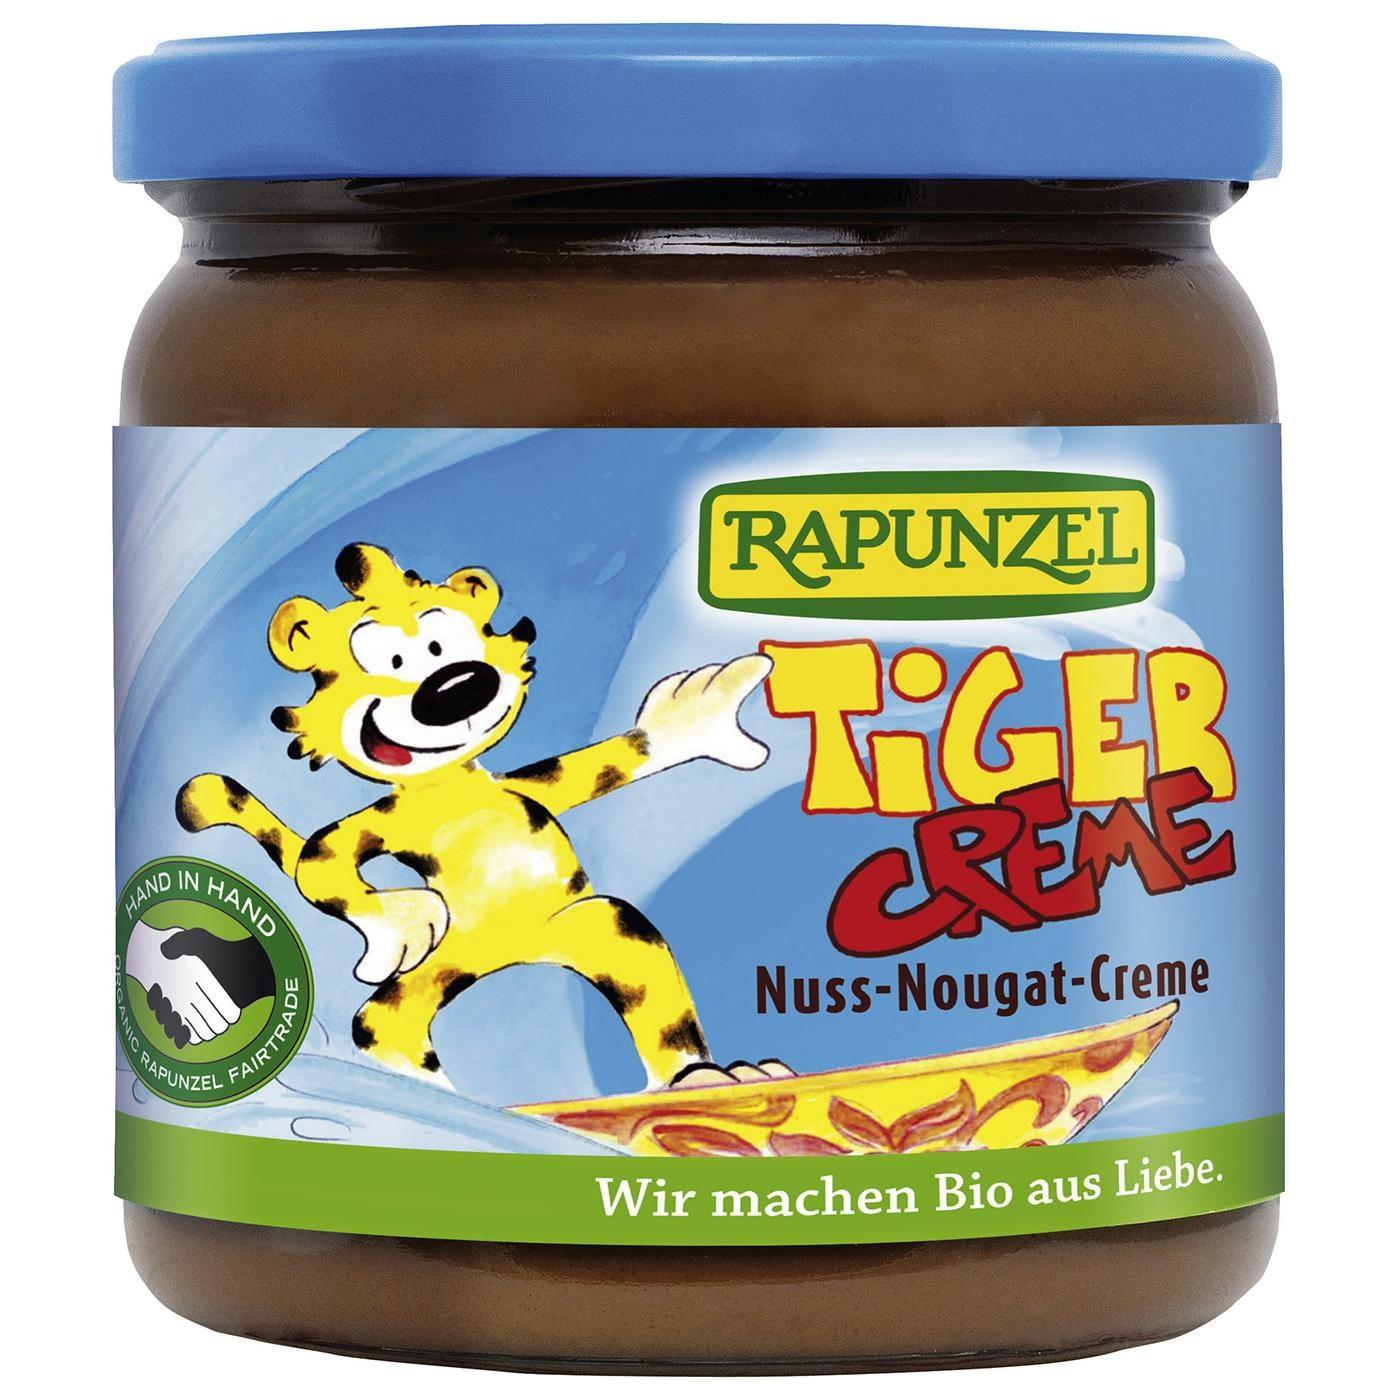 Rapunzel Bio Tiger-Creme 400g